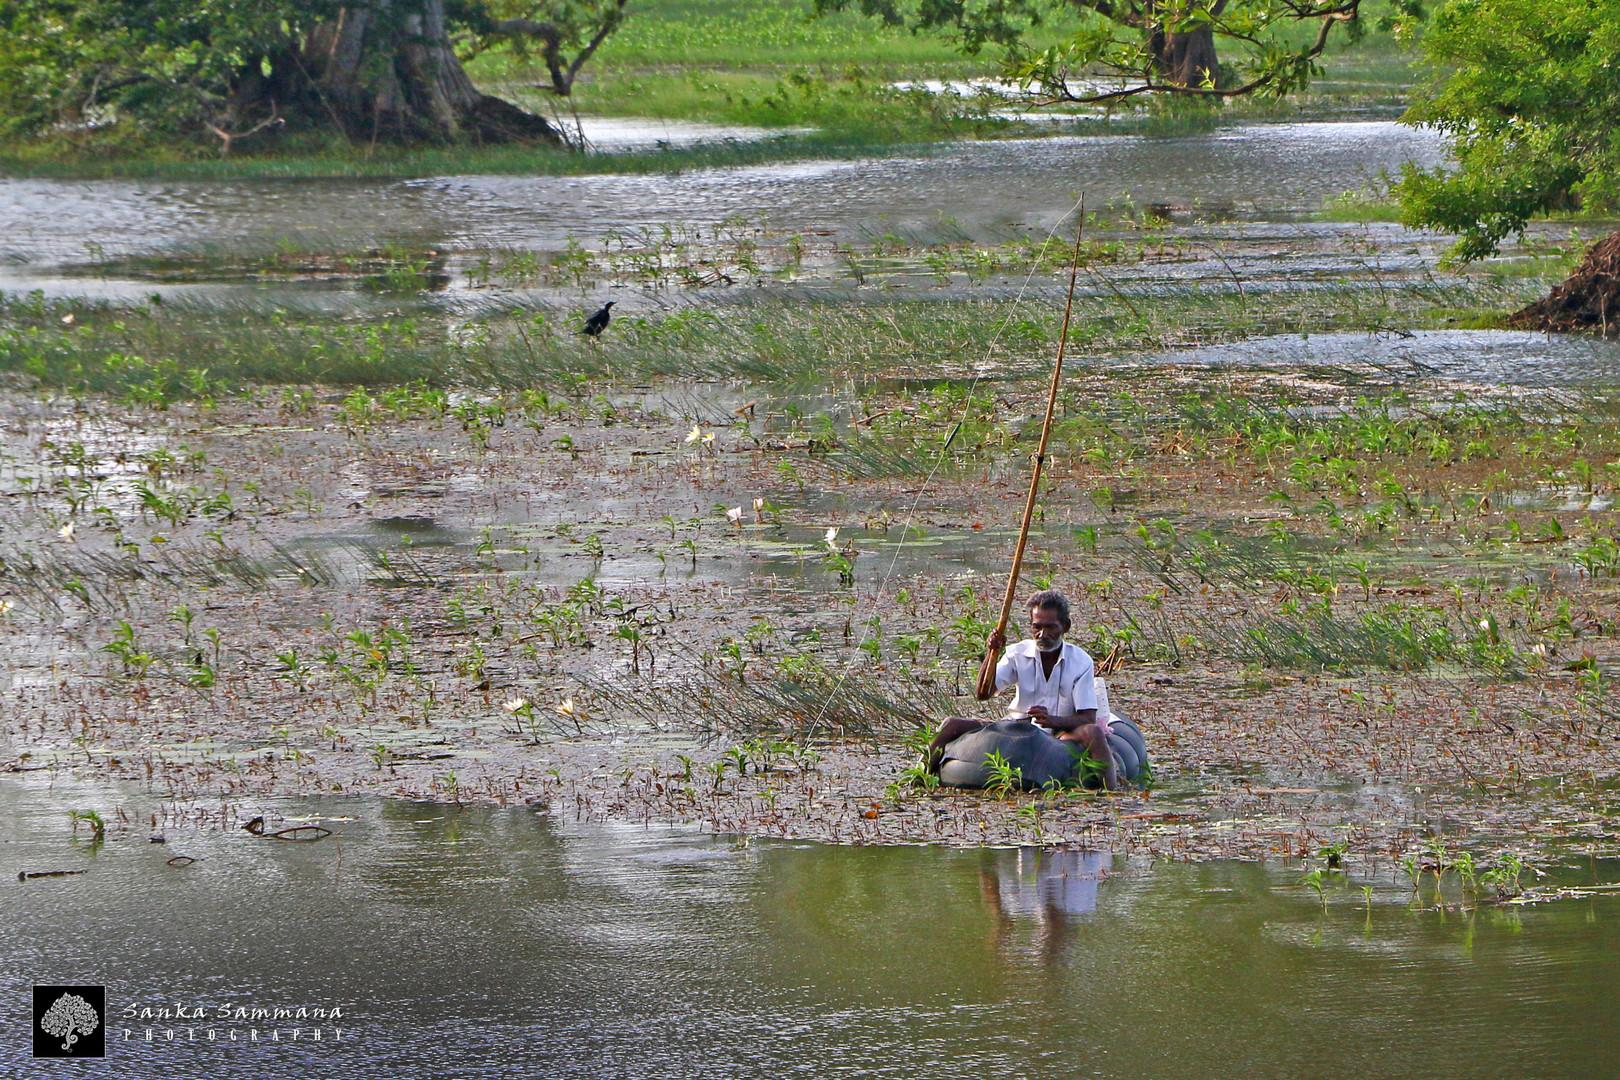 Fishing at the Galkadawala Lake.